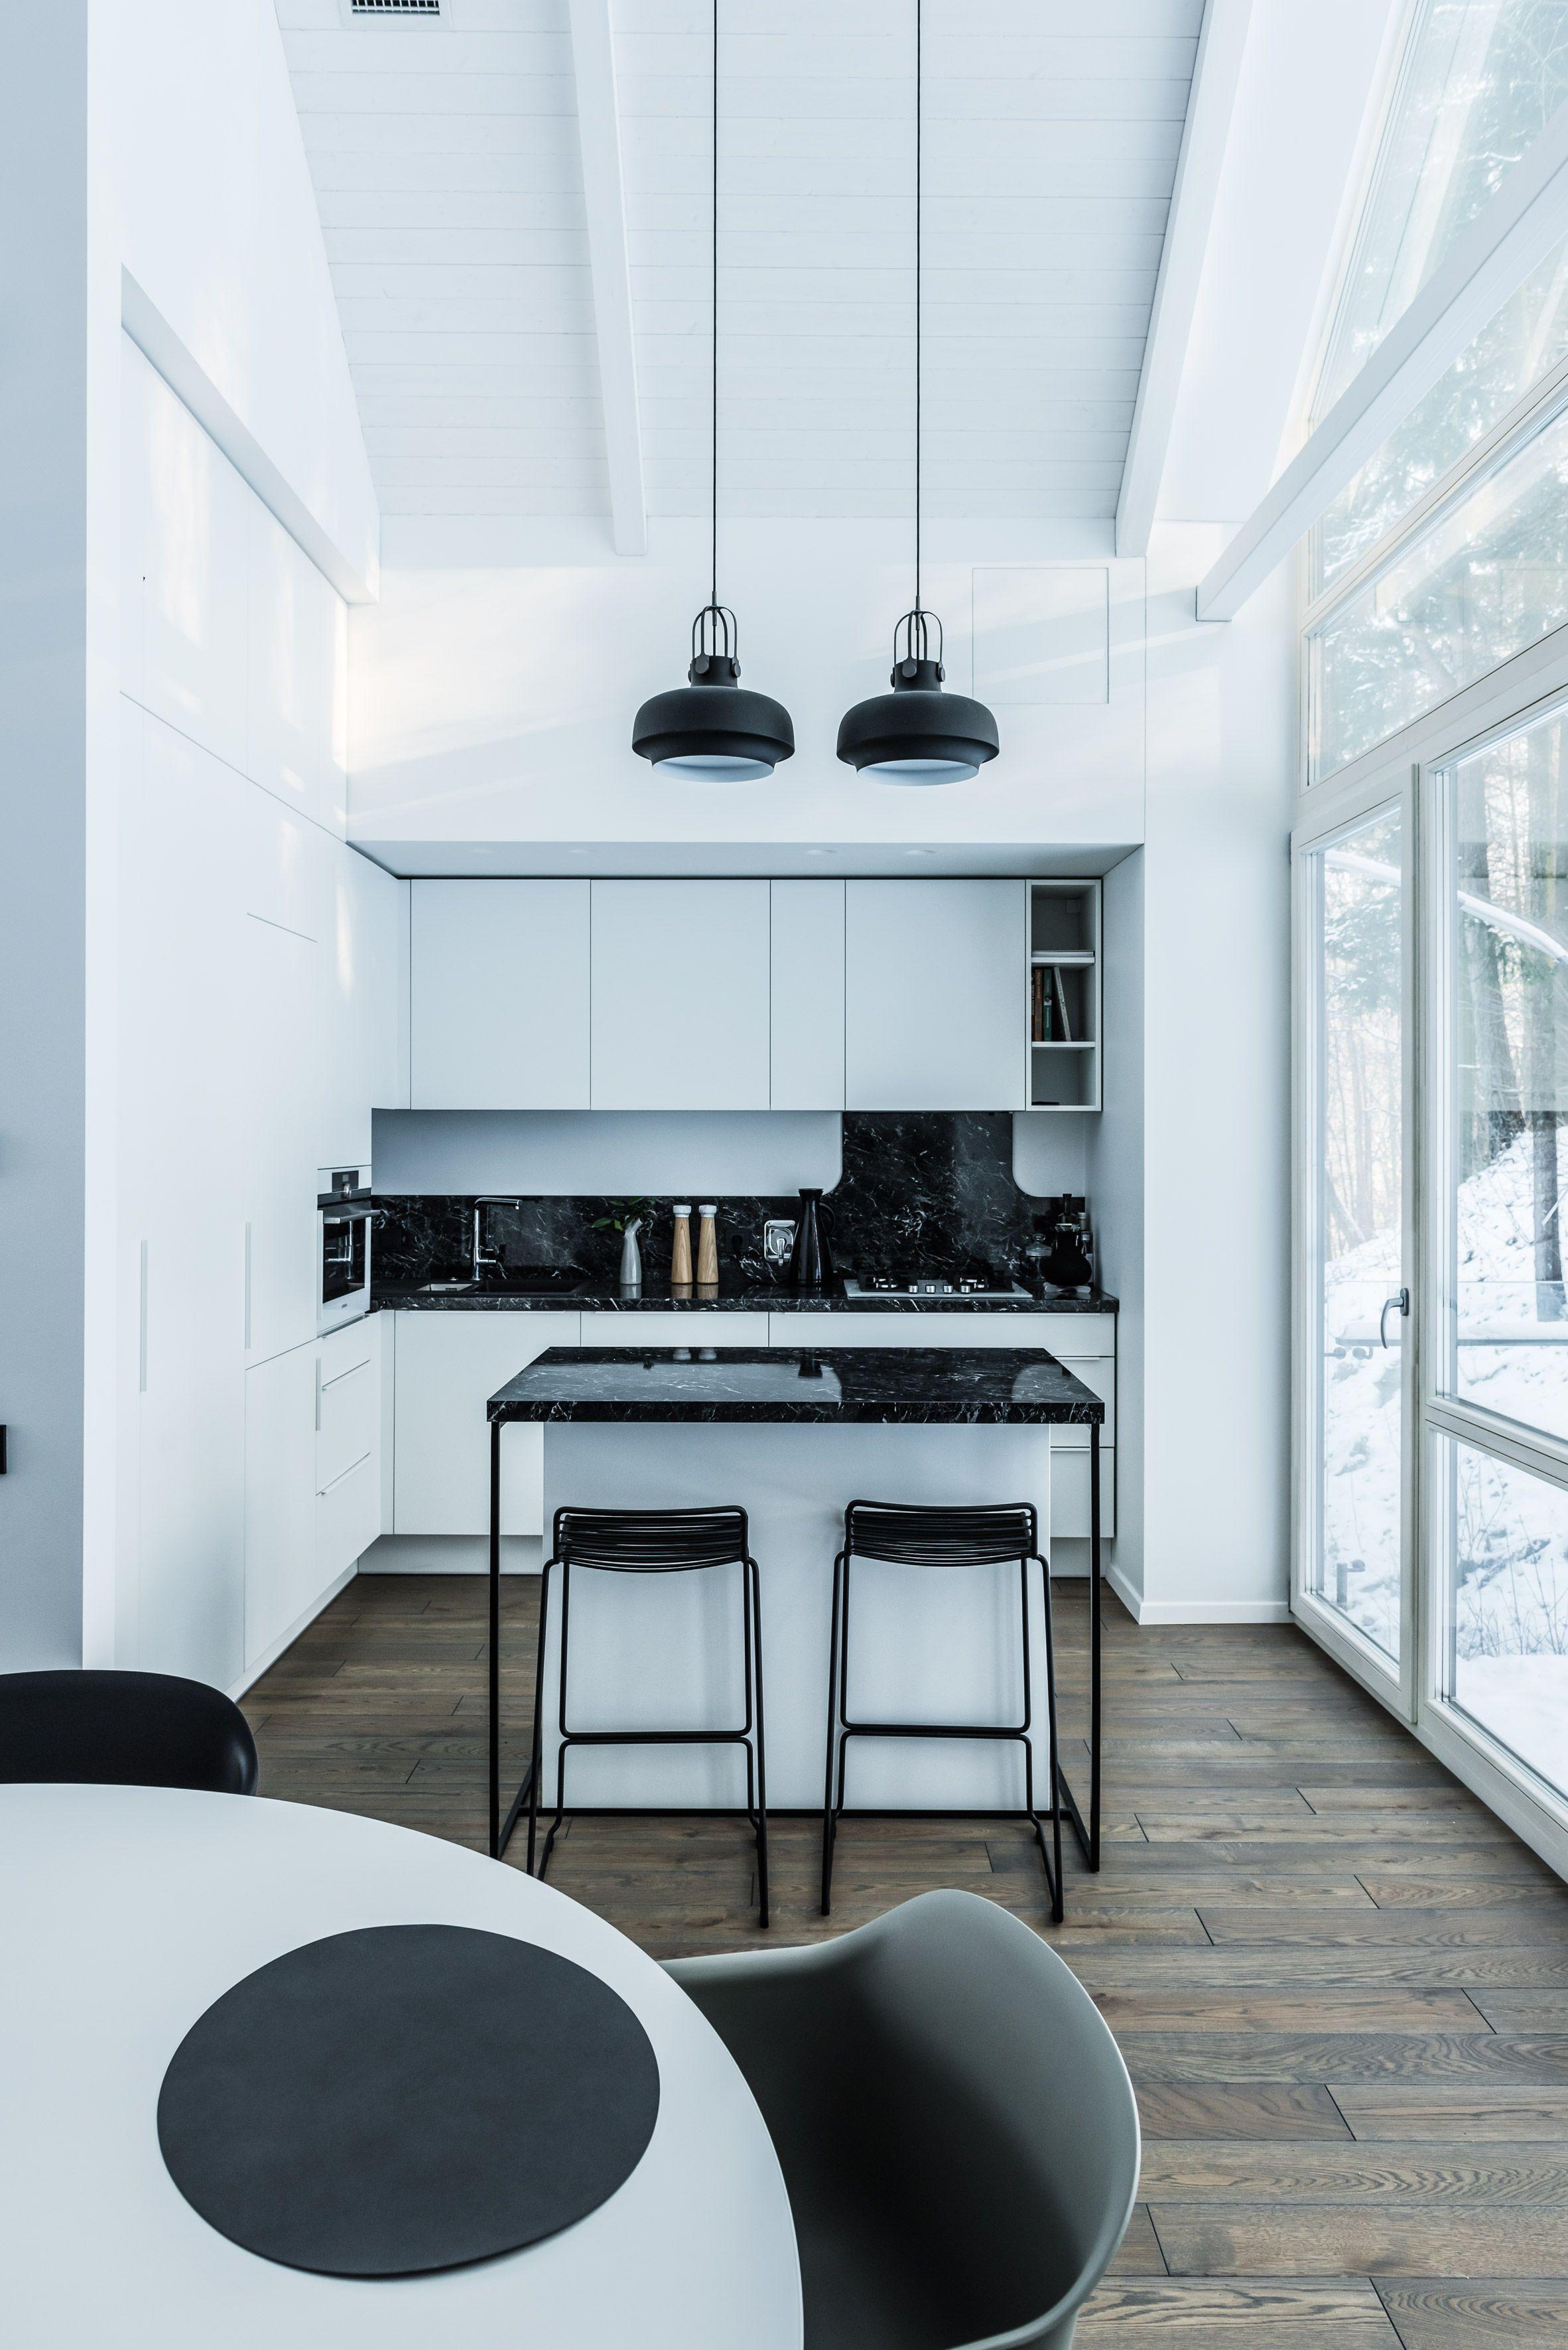 Interiors studio Dizaino Virtuv has created monochromatic